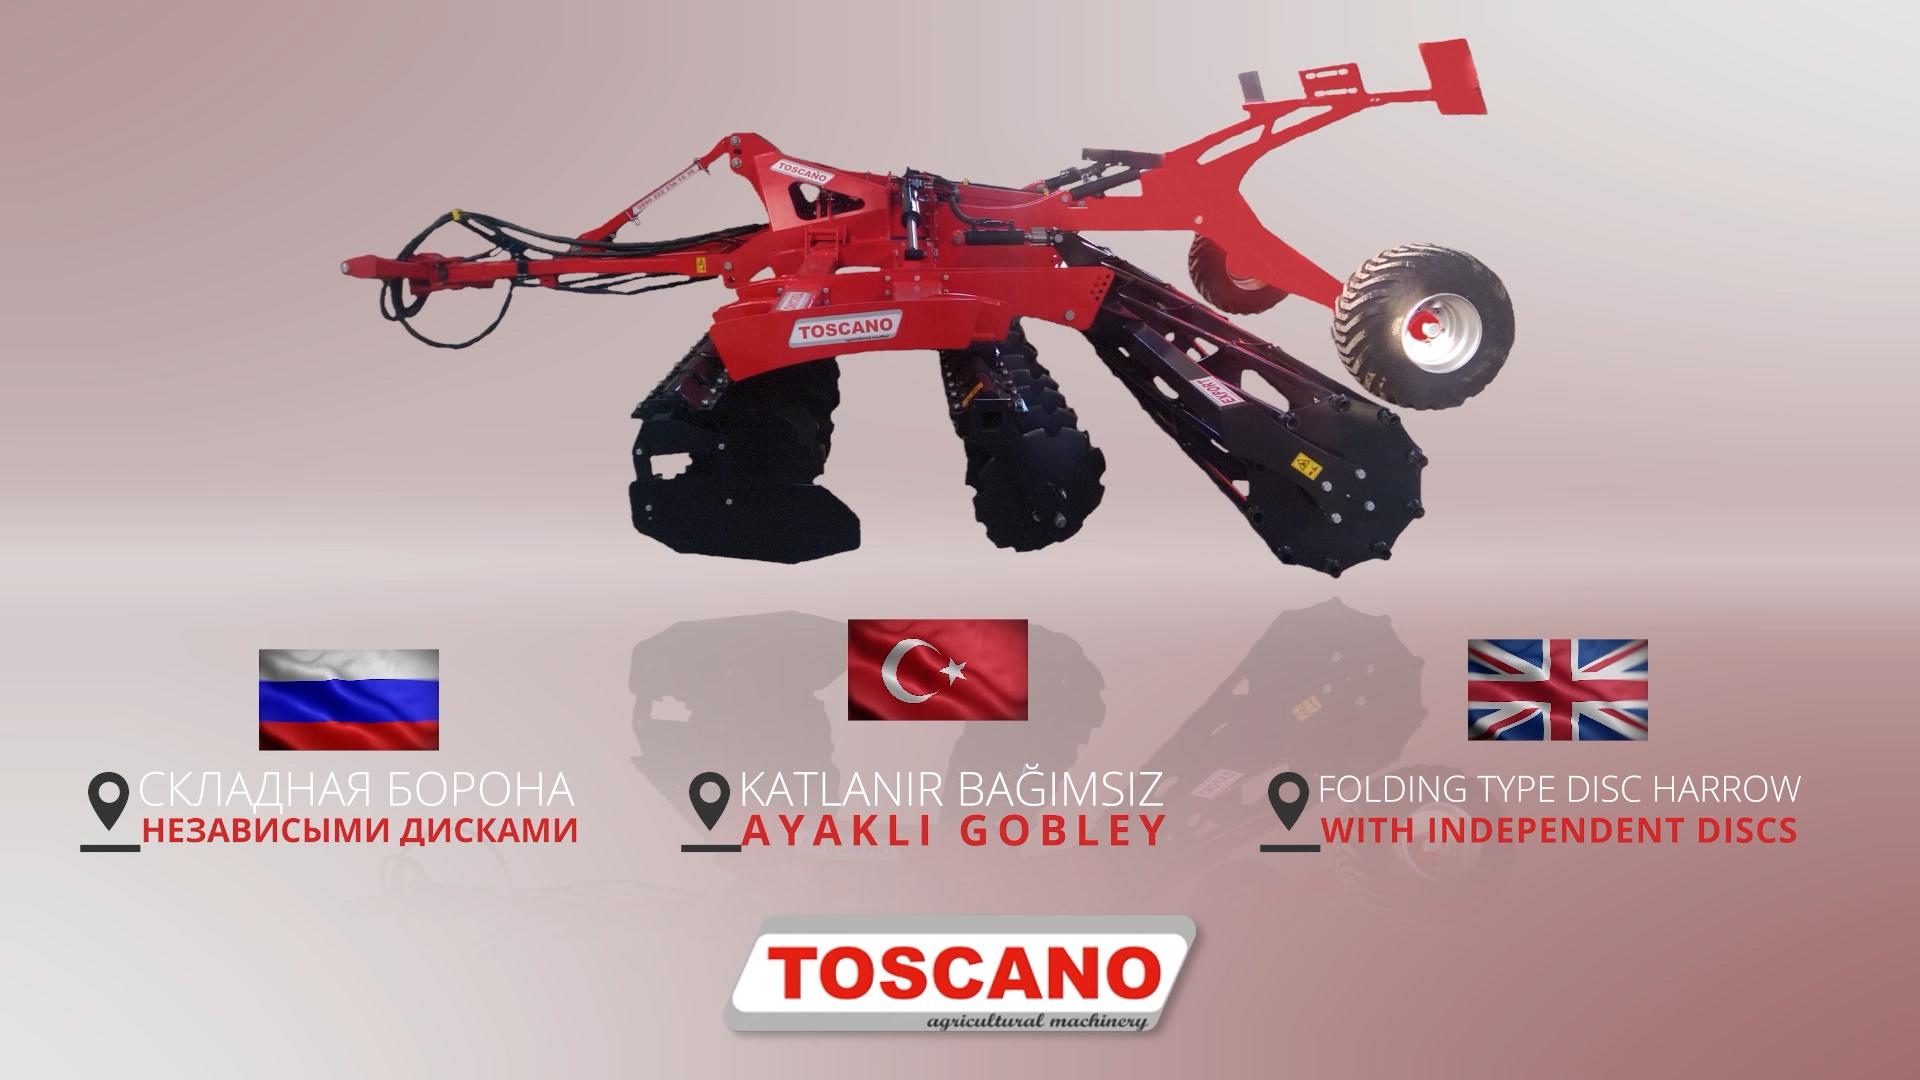 TOSCANO Katlanır Bağımsız Ayaklı Goble